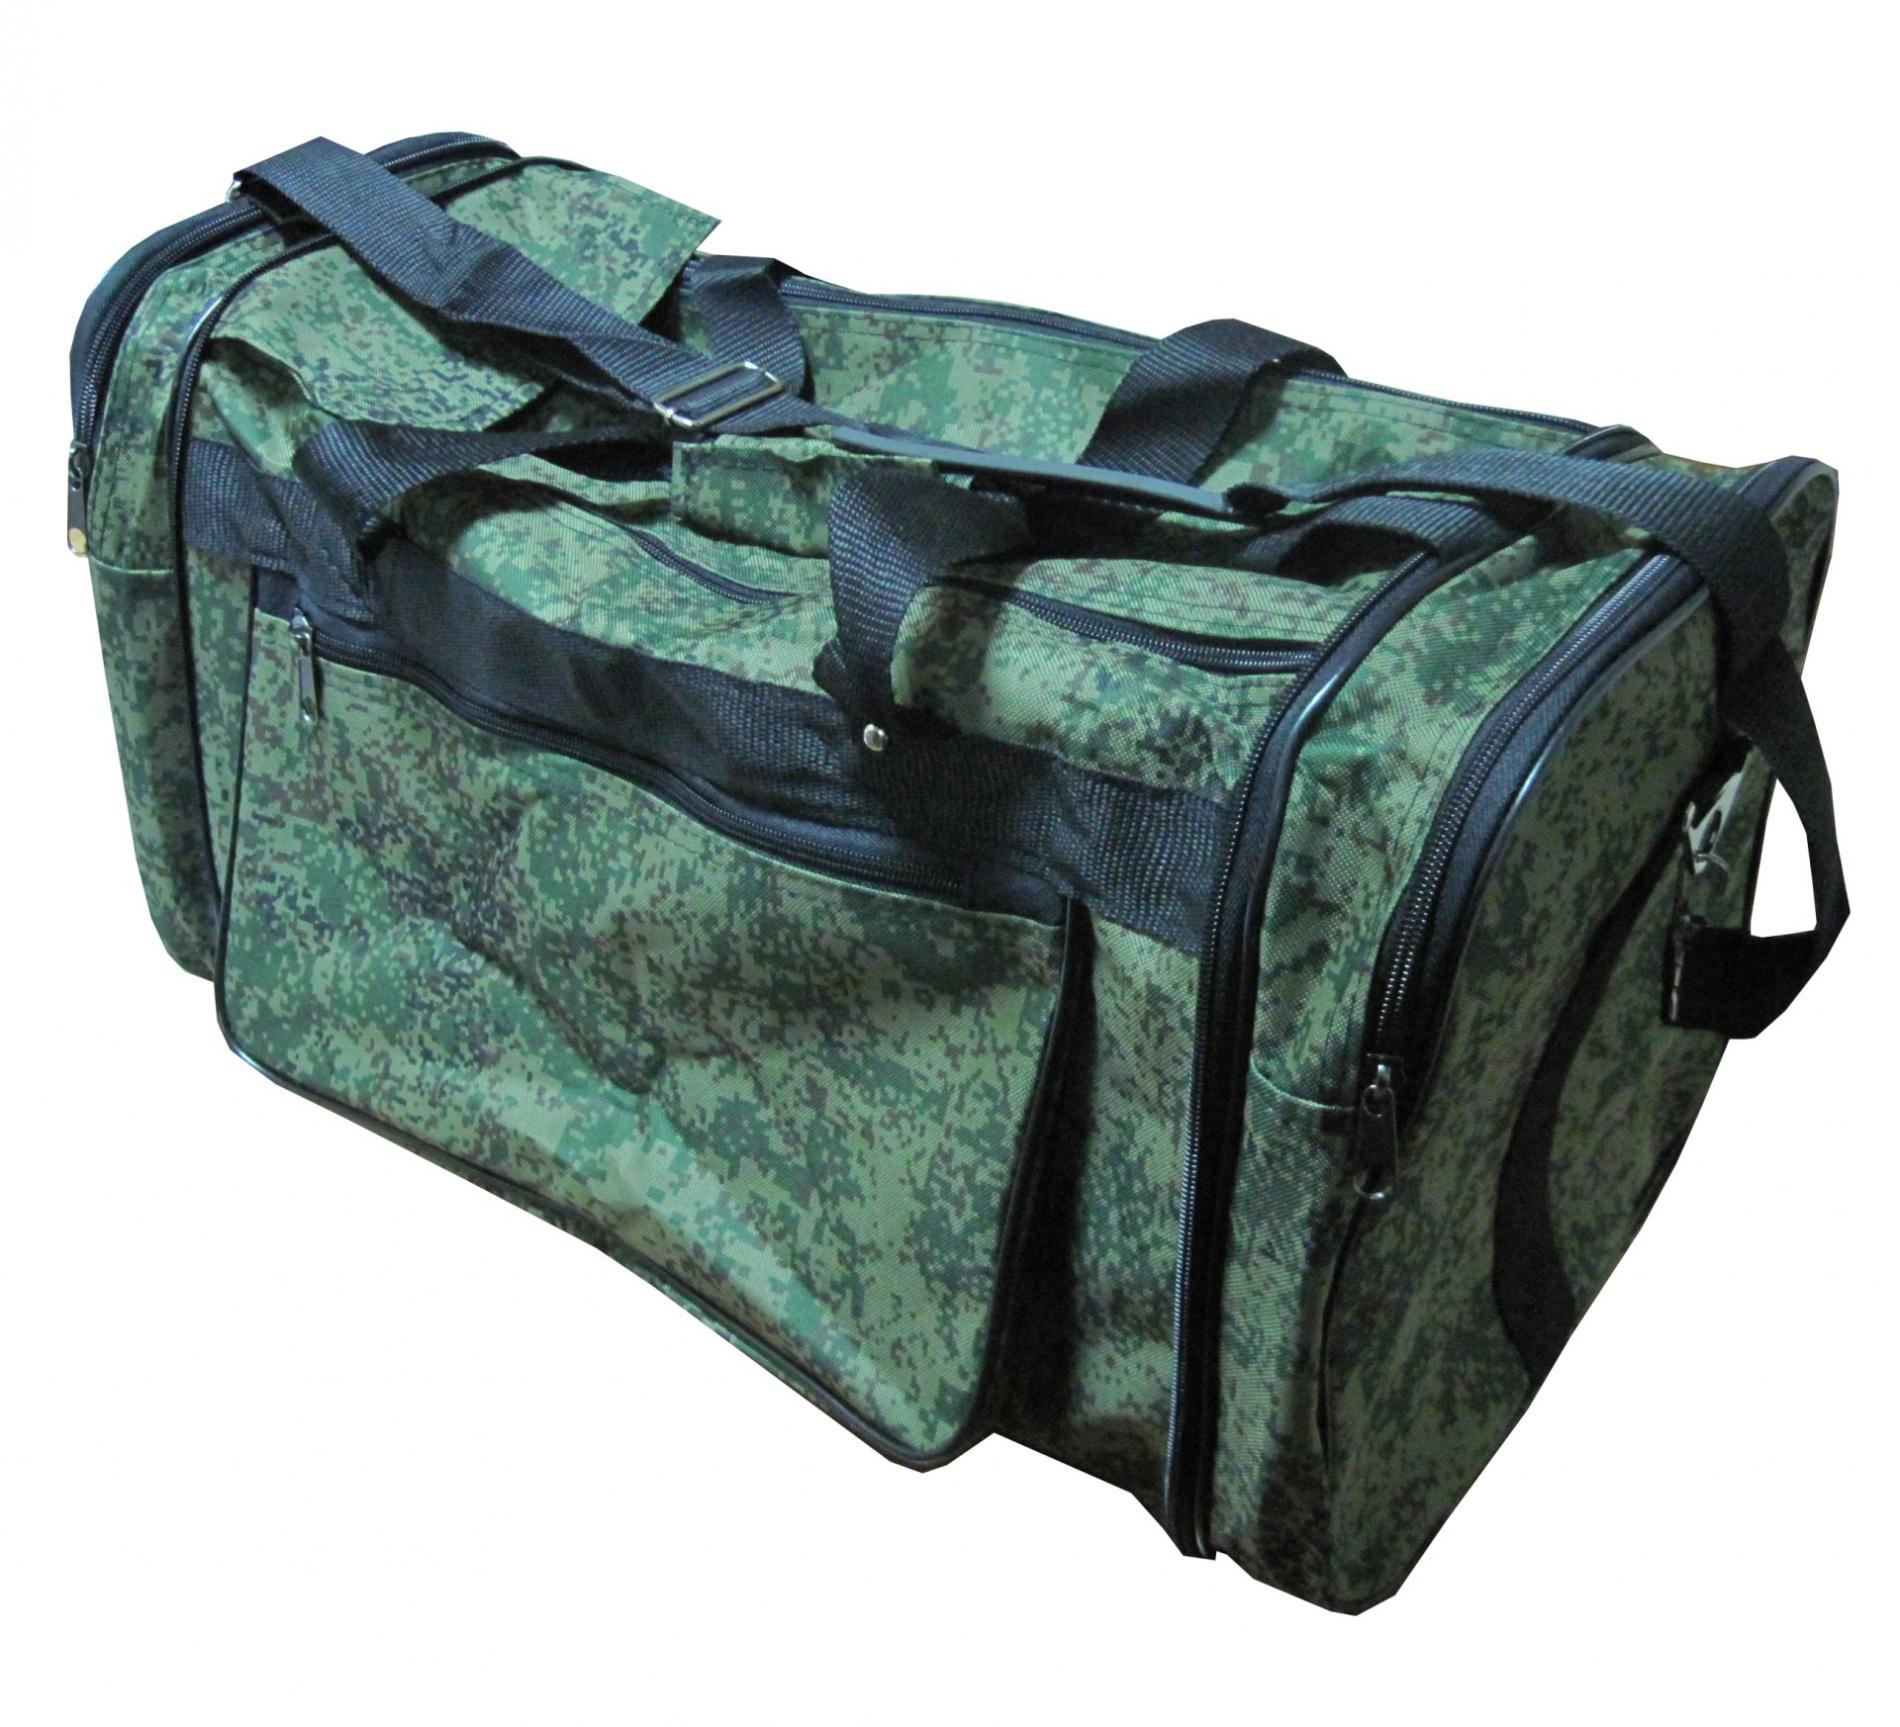 Сумка дорожная малая (Кострома)Сумки<br>Общие характеристики Тип Дорожная сумка <br>Тип конструкции Мягкий Число лямок 1<br>